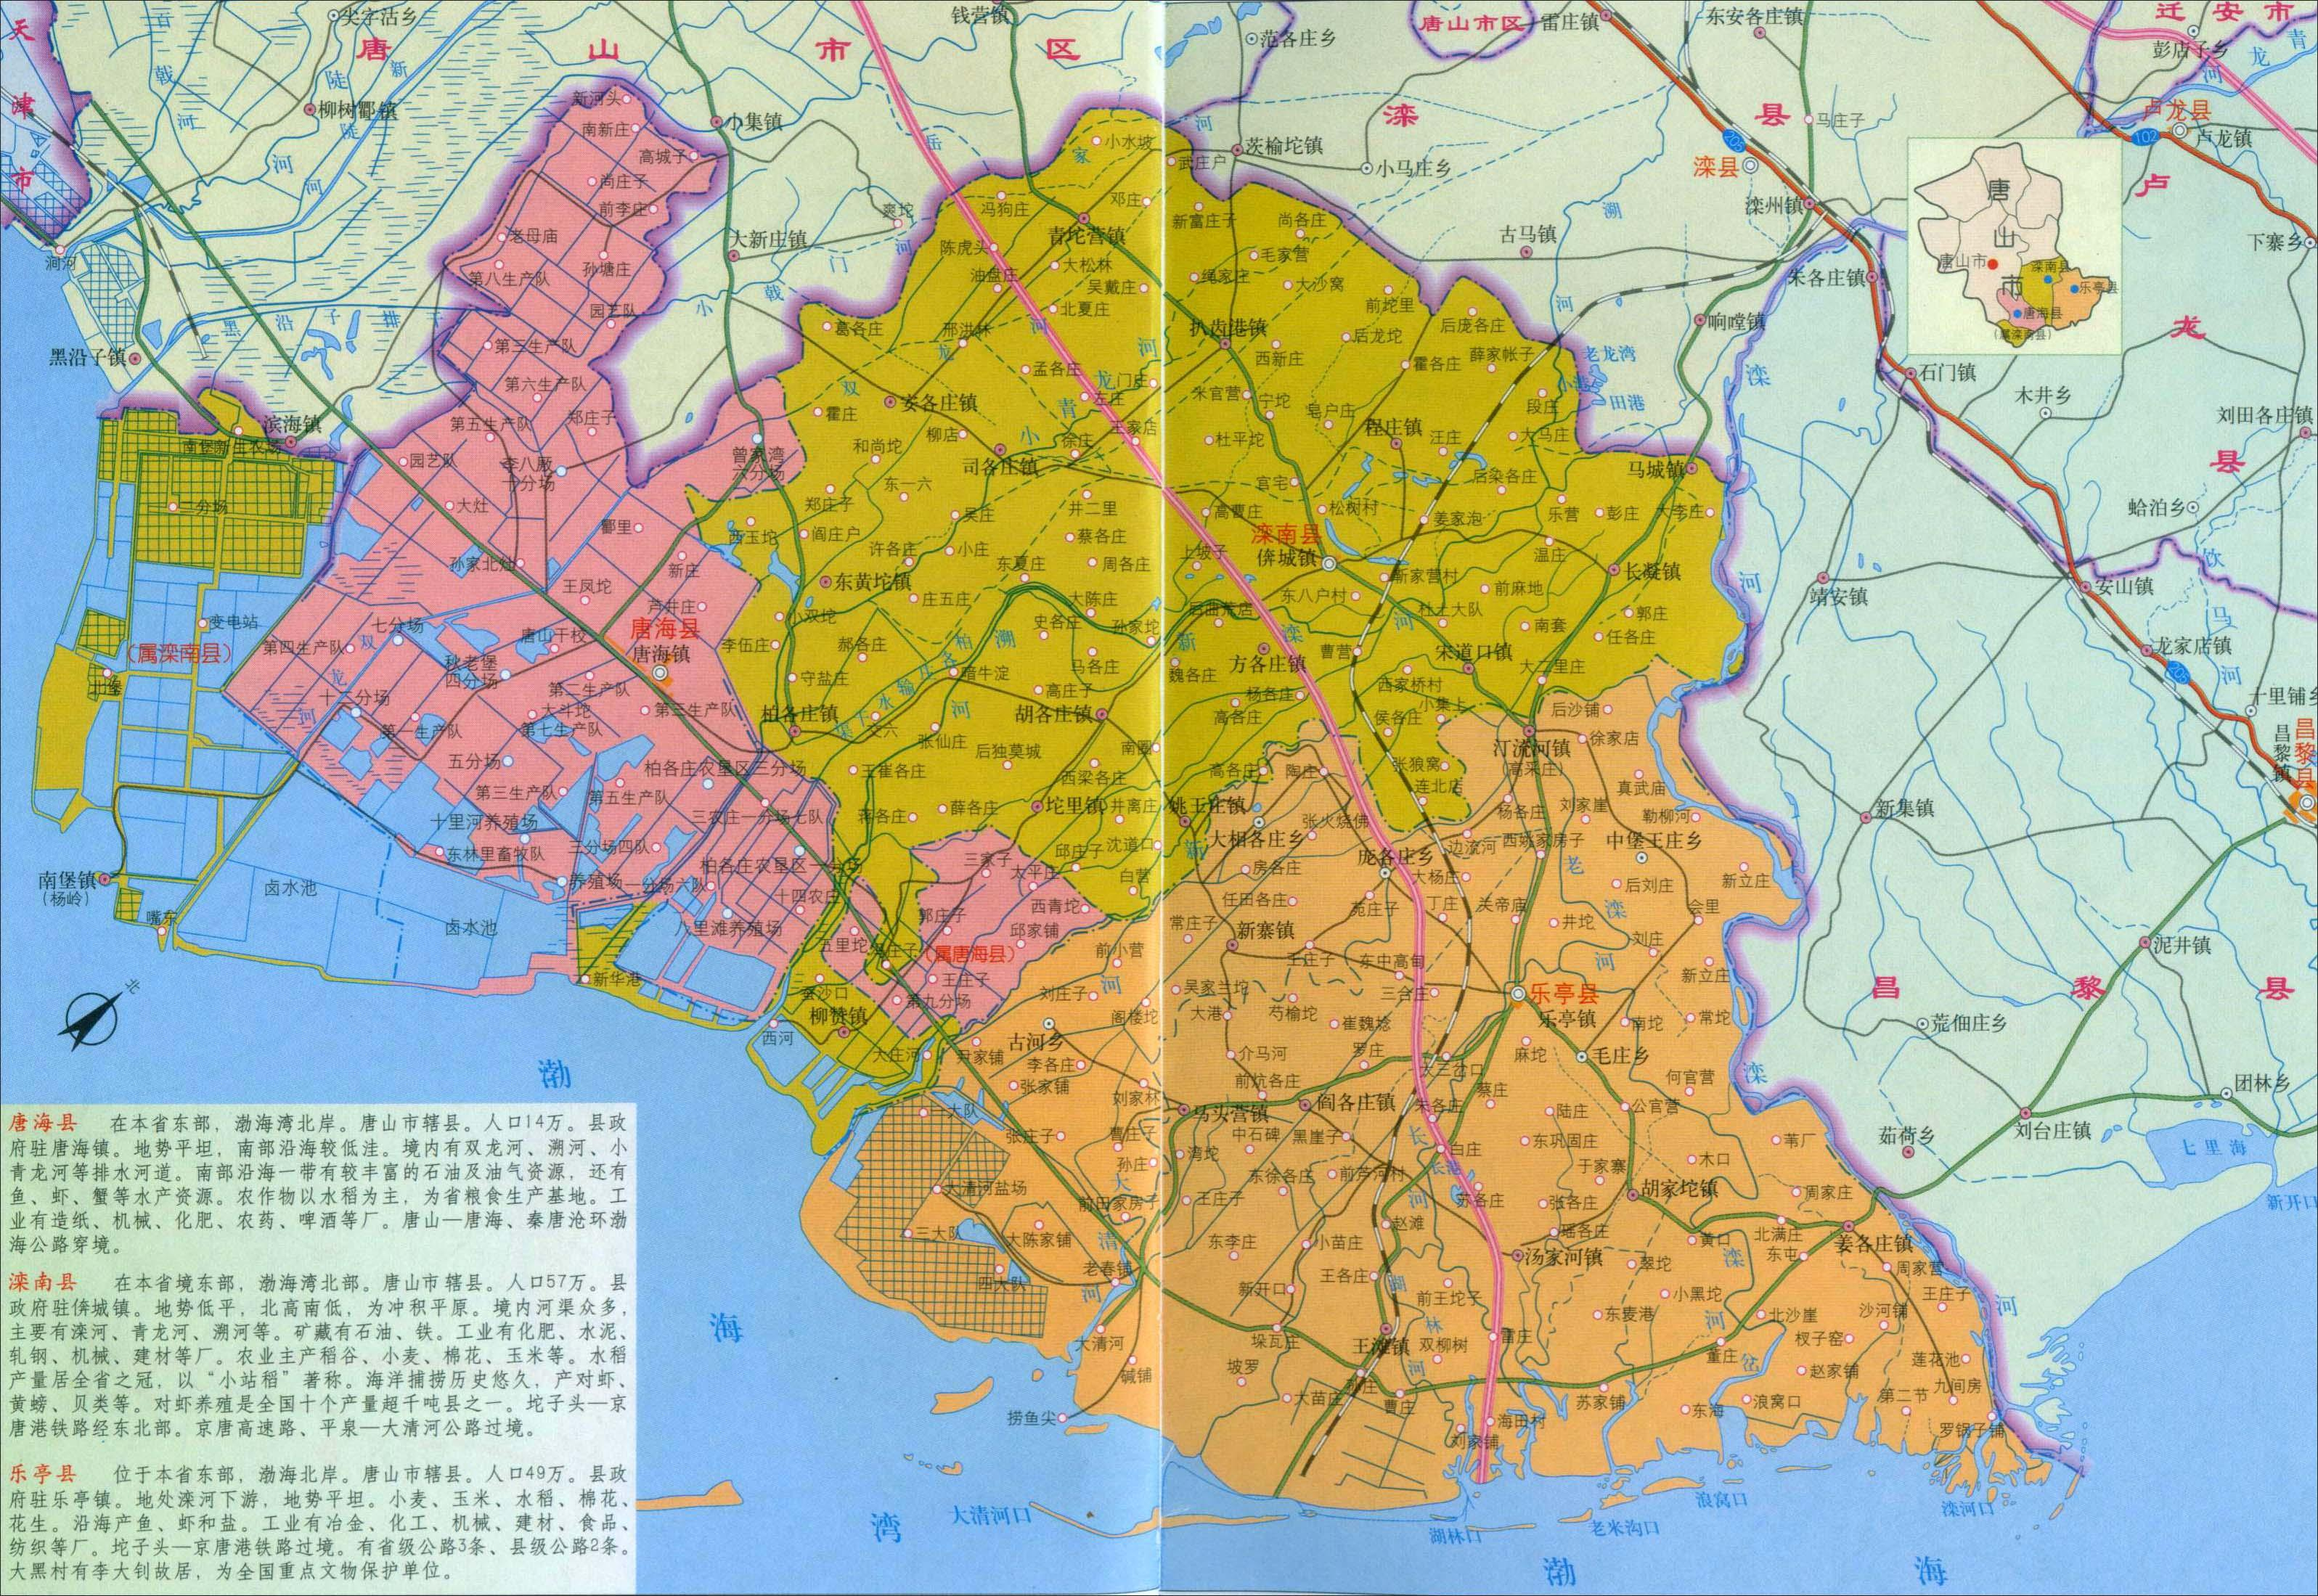 望都县九龙湖规划图